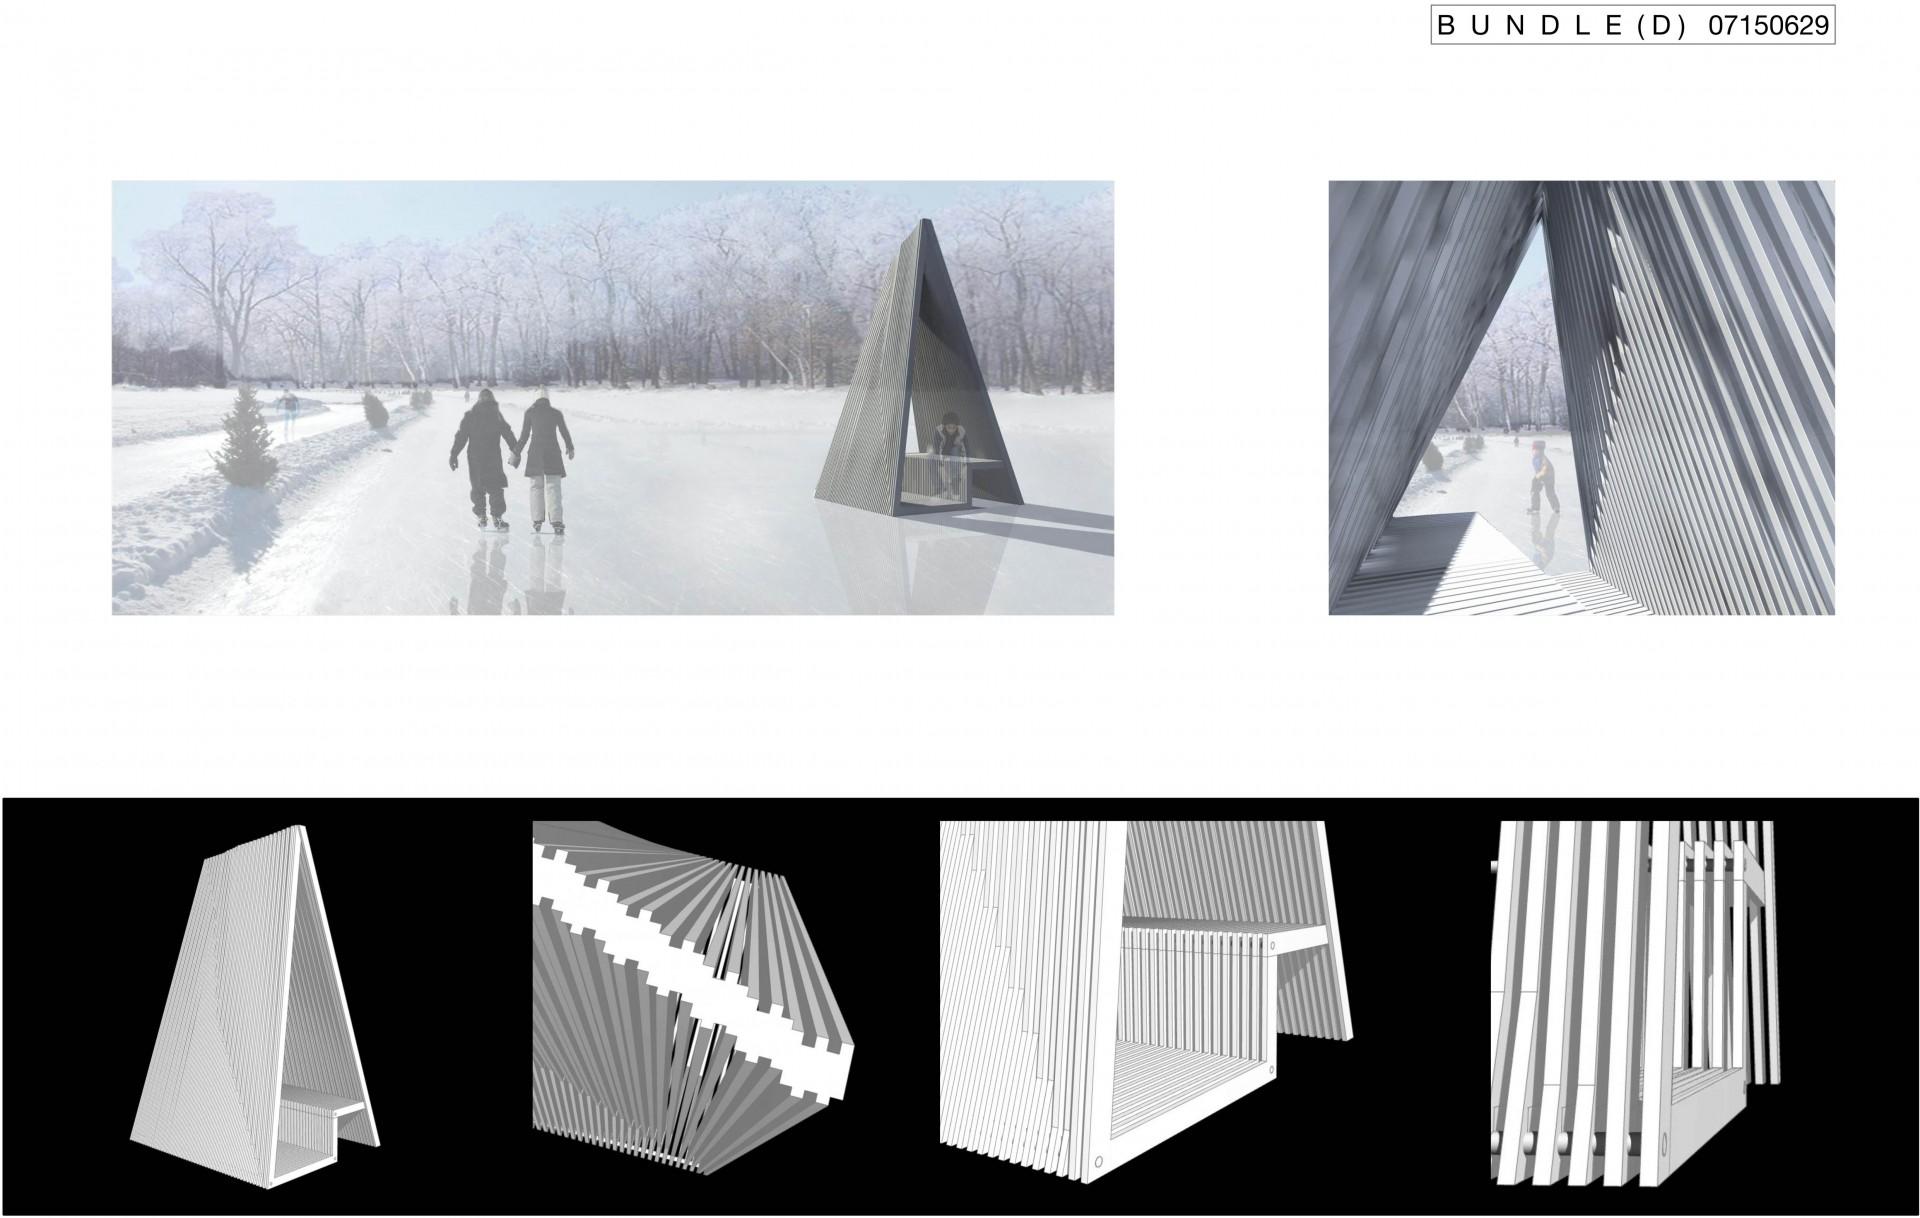 BUNDLE(D) Warming Hut 2